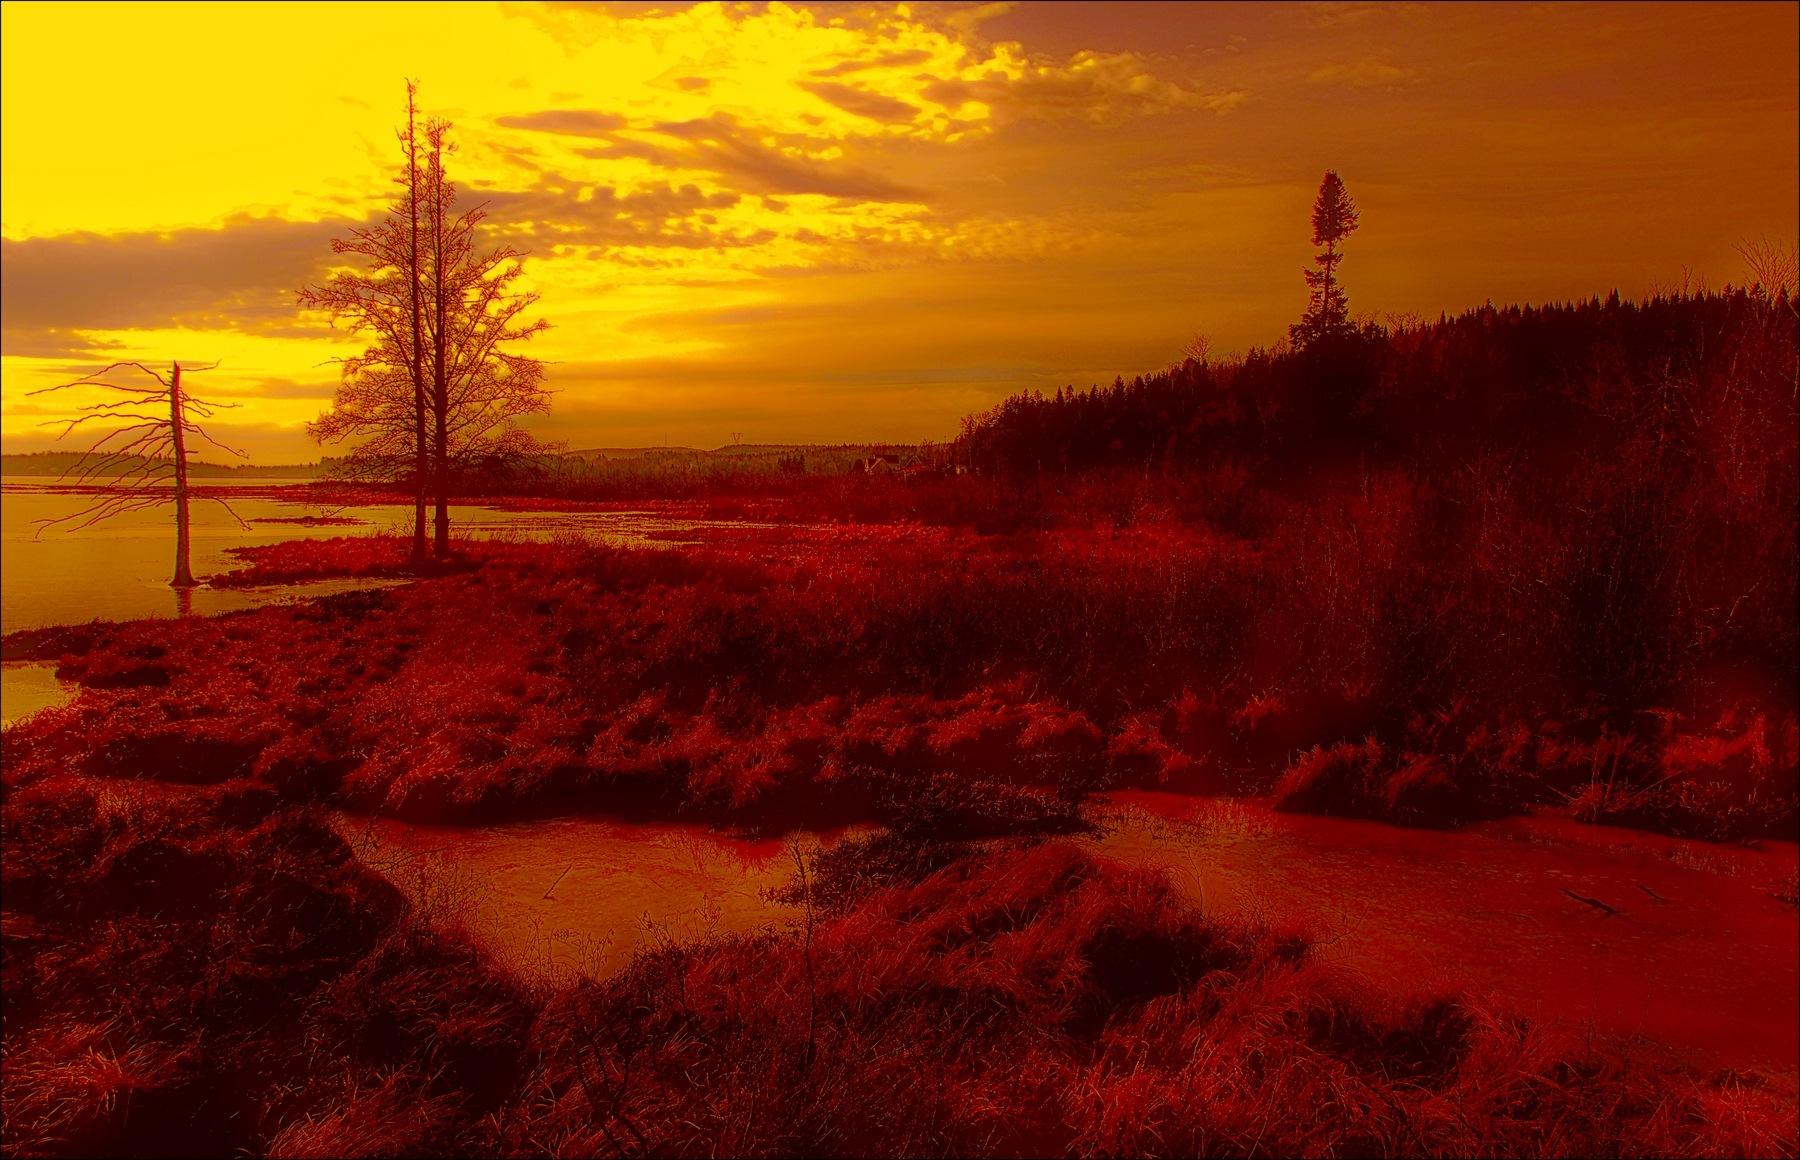 Un matin au marais by Fernand Larochelle